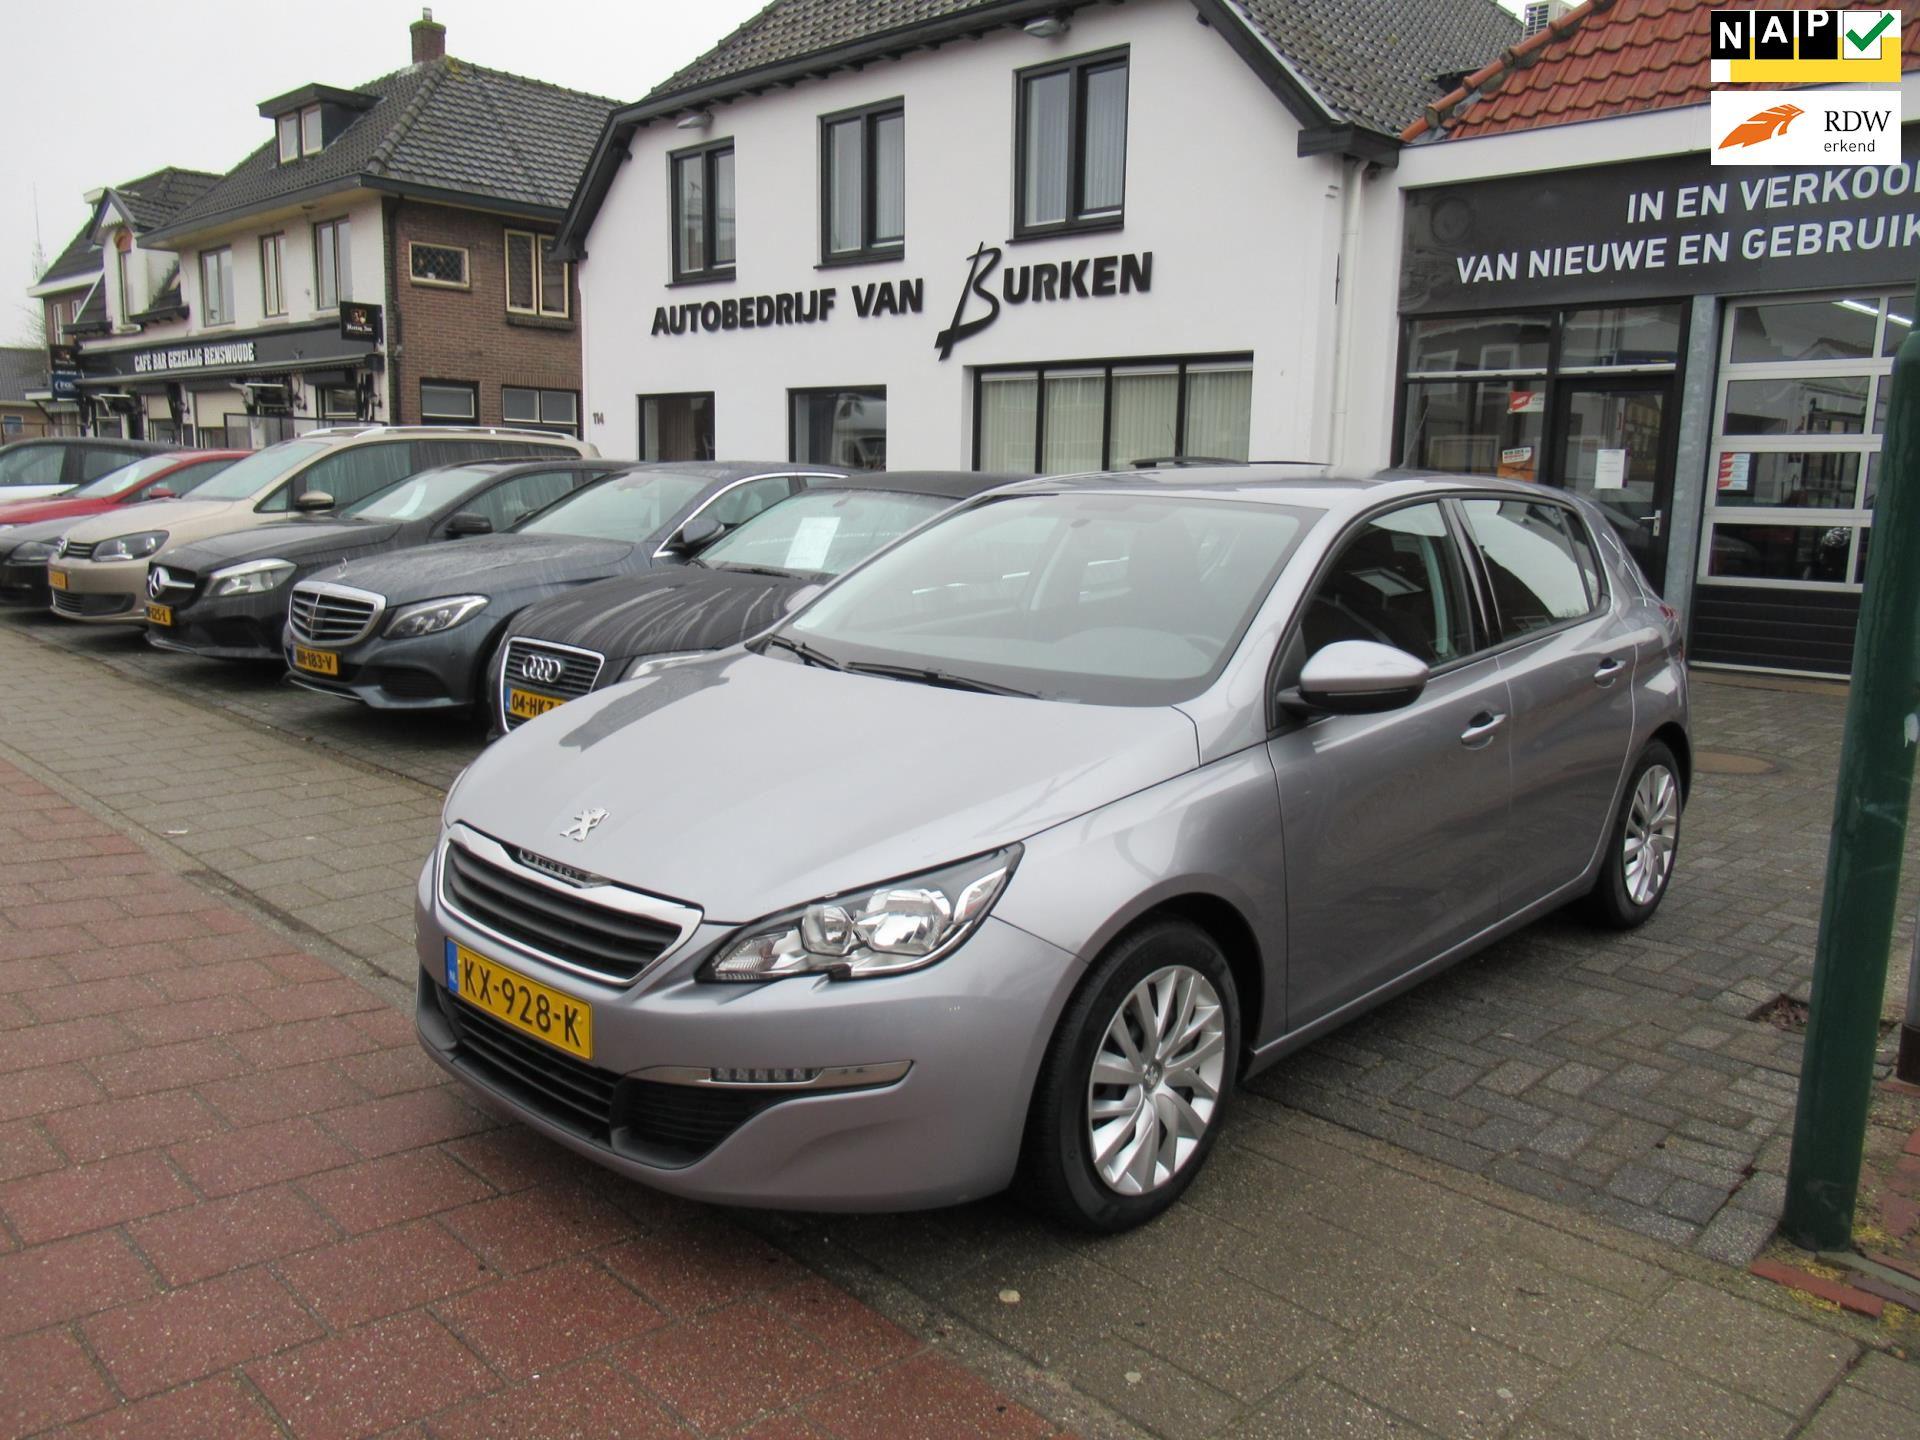 Peugeot 308 occasion - Autobedrijf van Burken